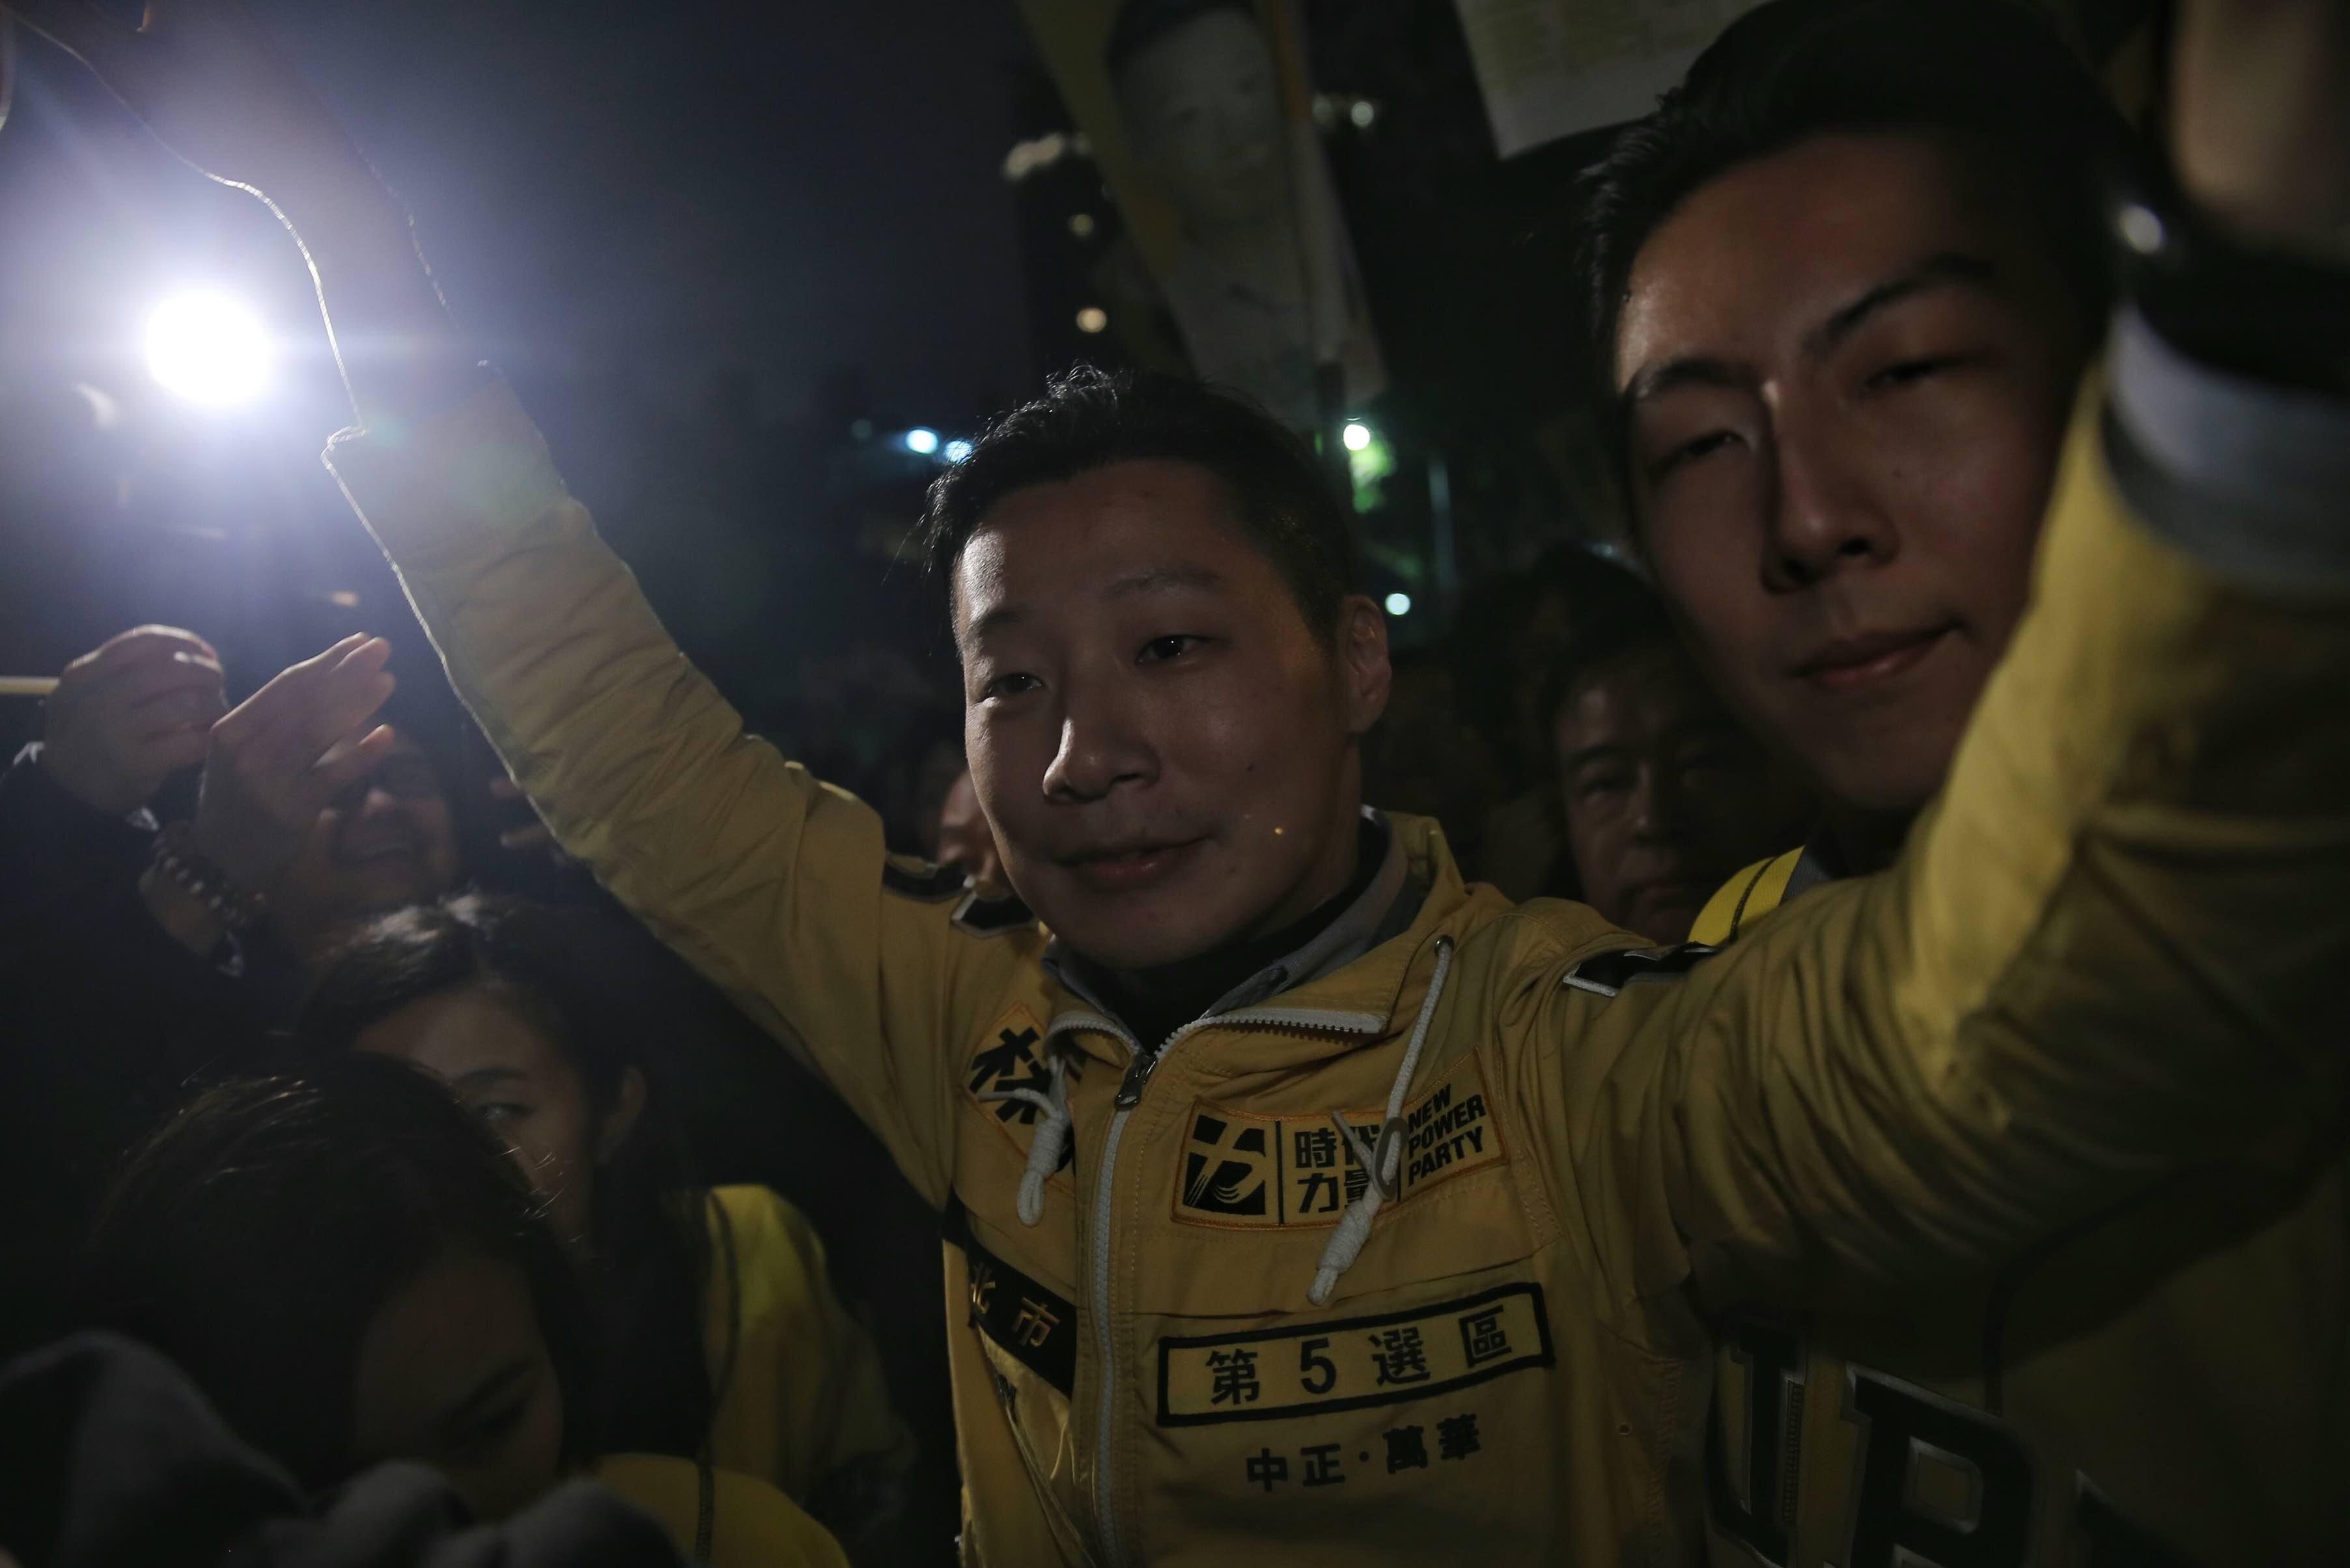 2016年1月16日,時代力量候選人林昶佐成功當選立委後與支持者一起慶祝。攝:張國耀/端傳媒